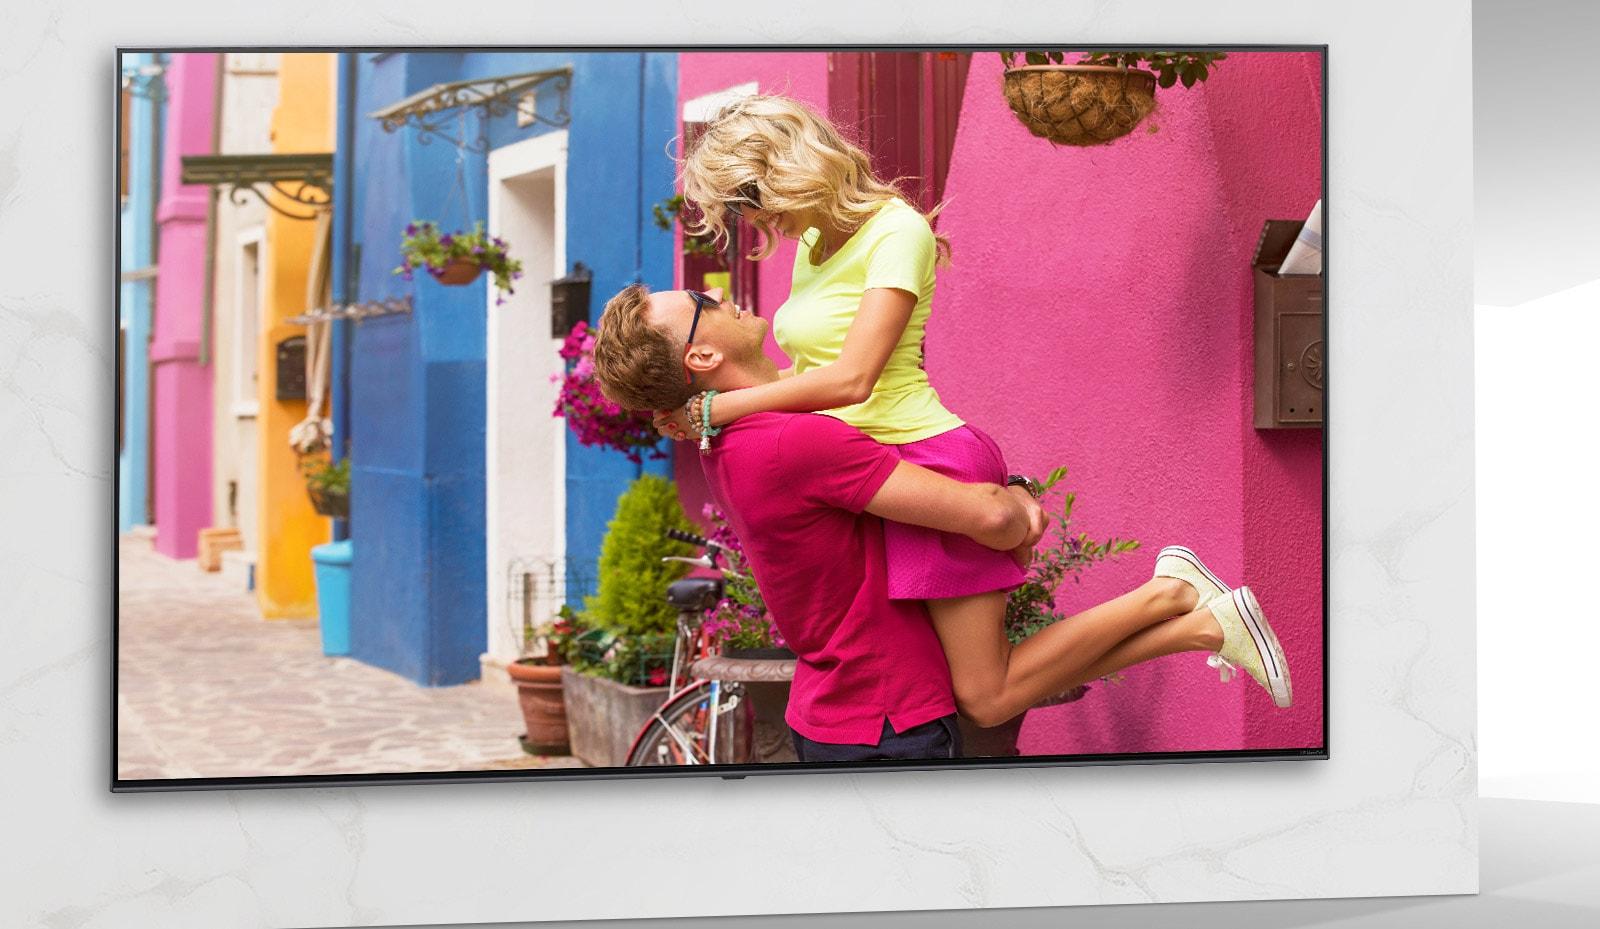 Ρεαλιστικά χρώματα από κάθε γωνία θέασης